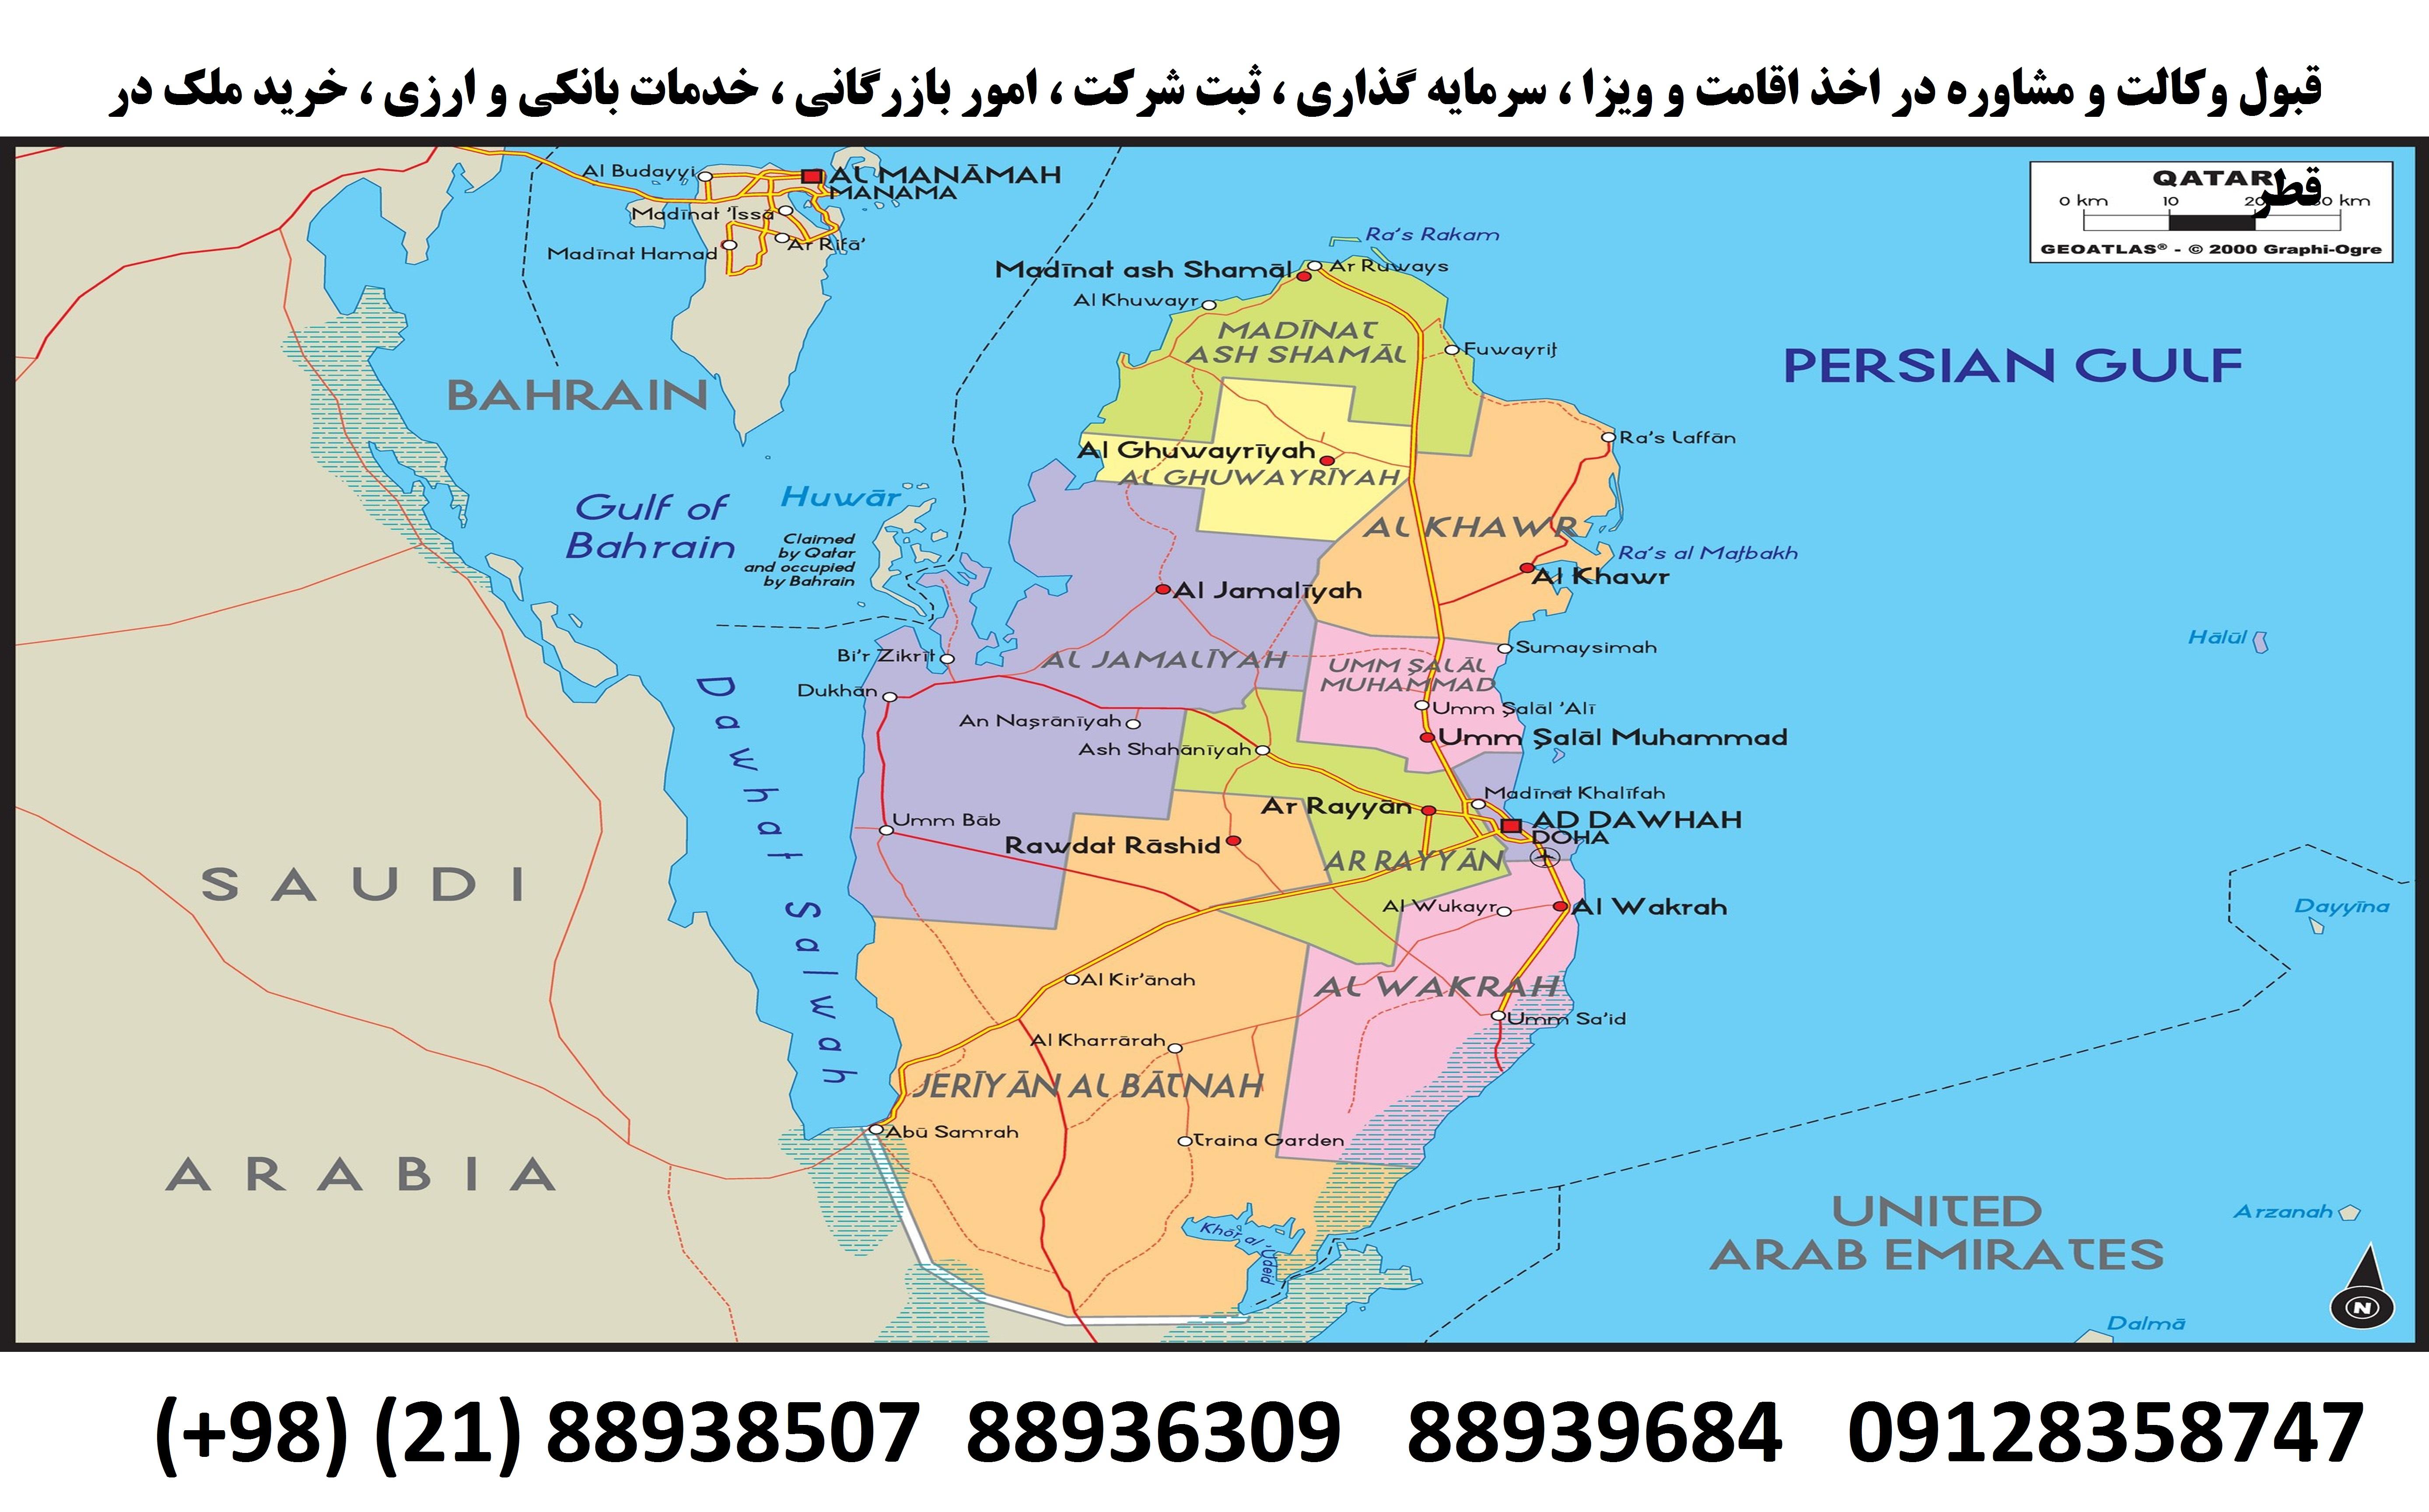 گرفتن شریک تجاری ، ثبت شرکت ، صادرات و واردات ، در کشور قطر (2)